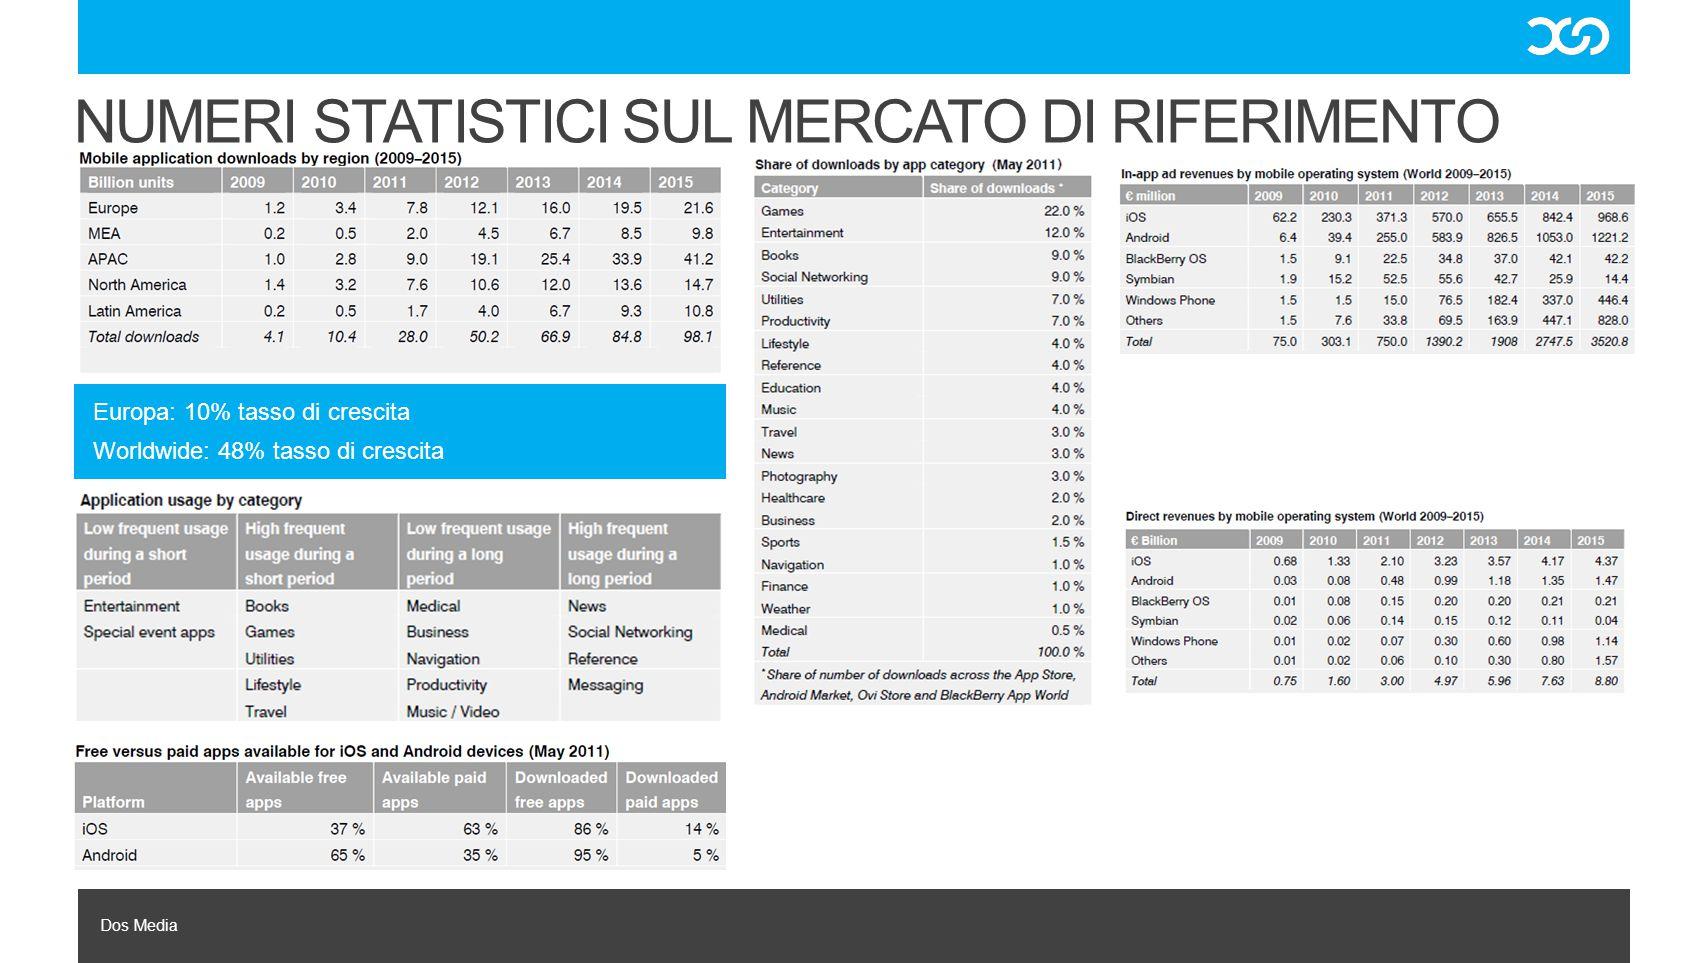 Dos Media NUMERI STATISTICI SUL MERCATO DI RIFERIMENTO Europa: 10% tasso di crescita Worldwide: 48% tasso di crescita